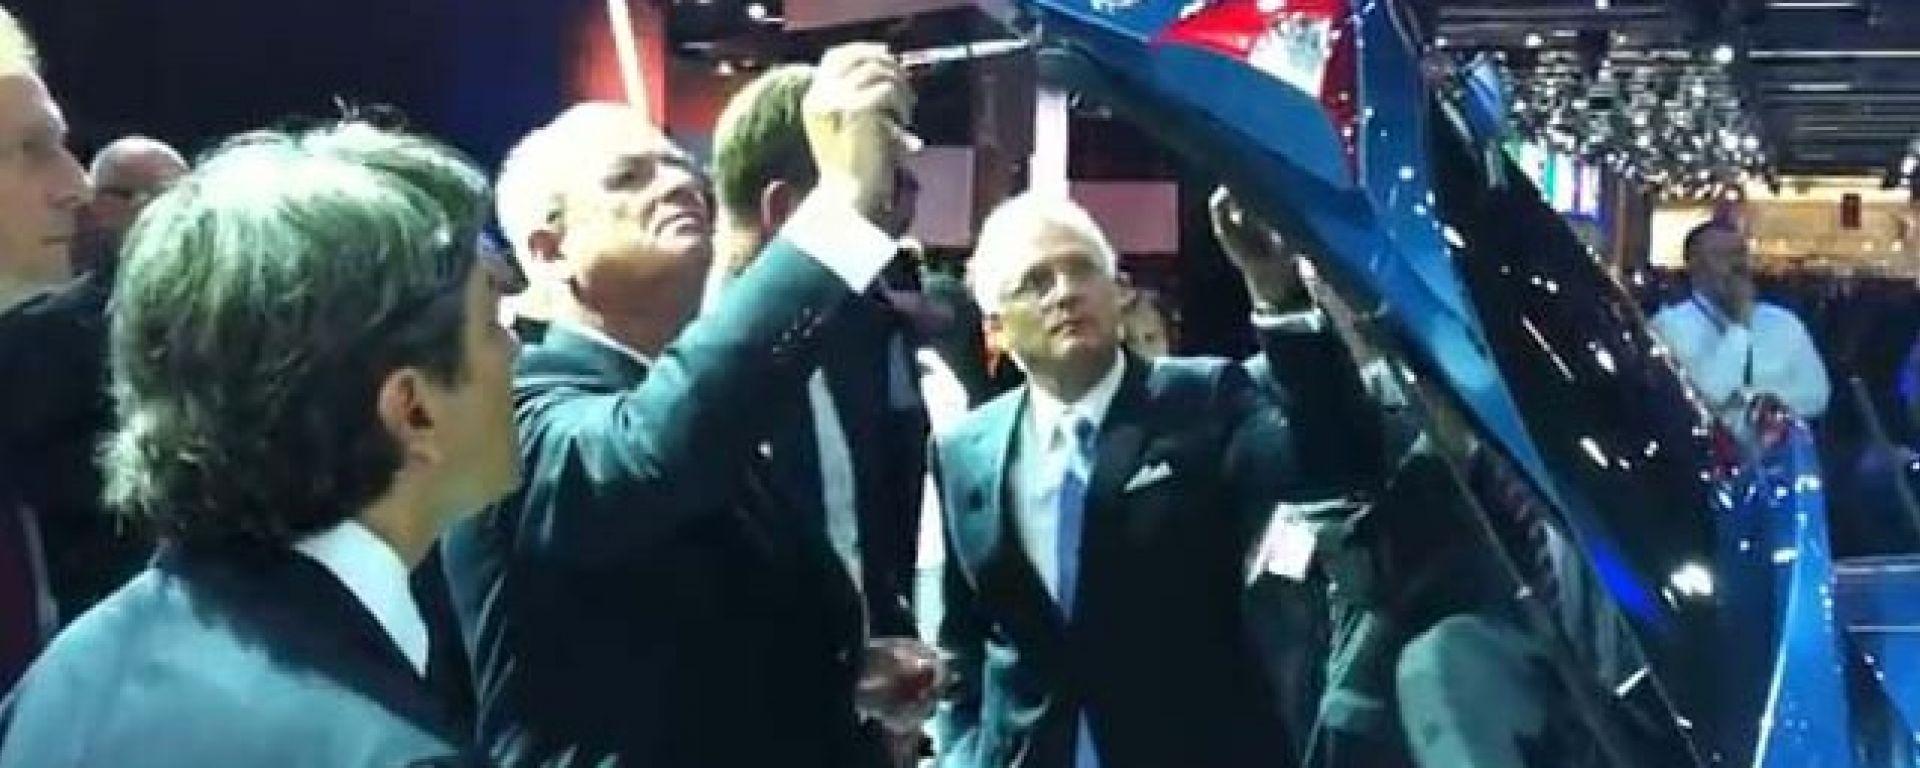 Video: il capo di Volkswagen spopola nel web